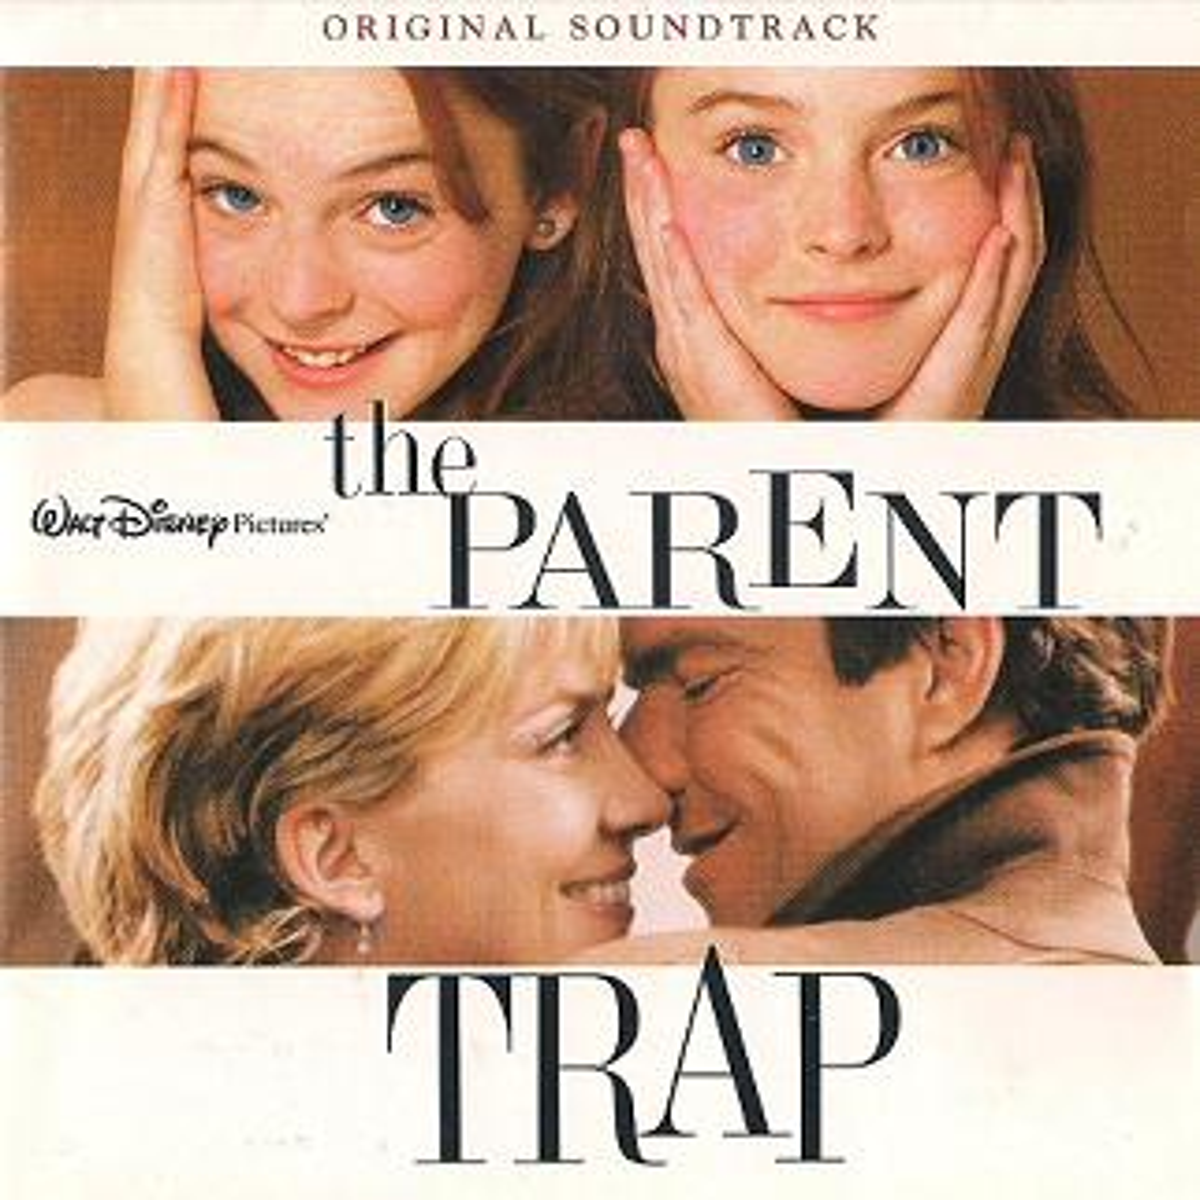 File:The Parent Trap (soundtrack).jpg